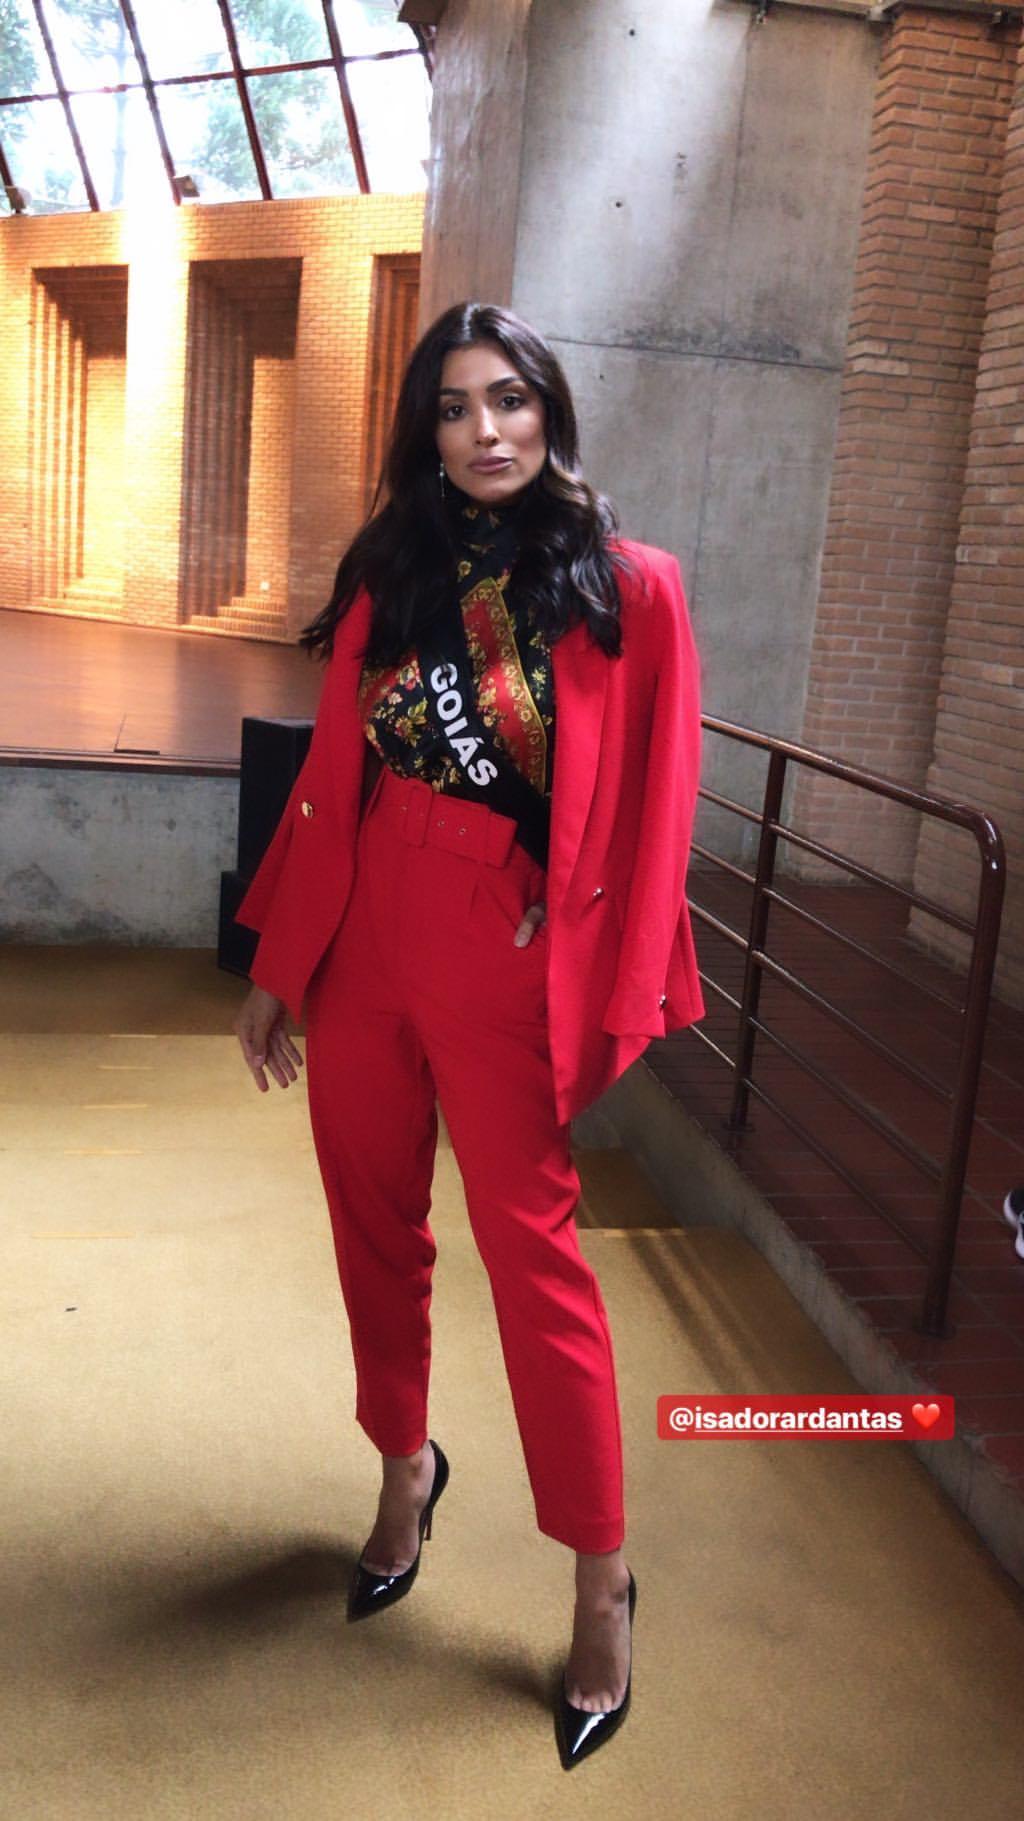 isadora dantas, miss goias 2019. - Página 3 52144311